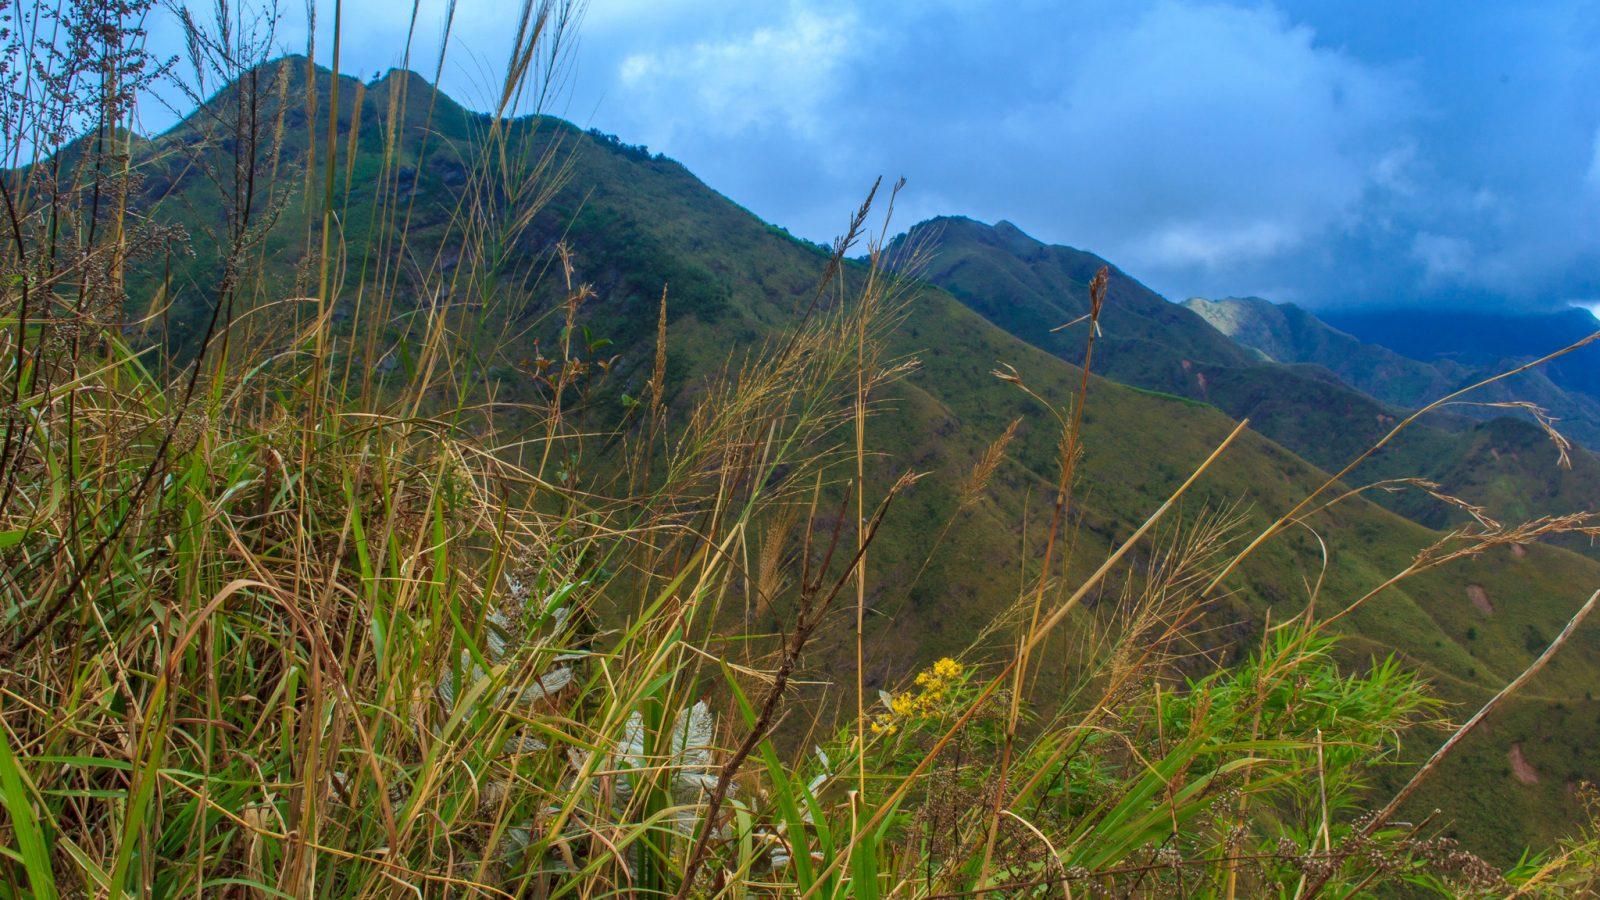 Phượt đồi núi - Kinh nghiệm & hướng dẫn phượt